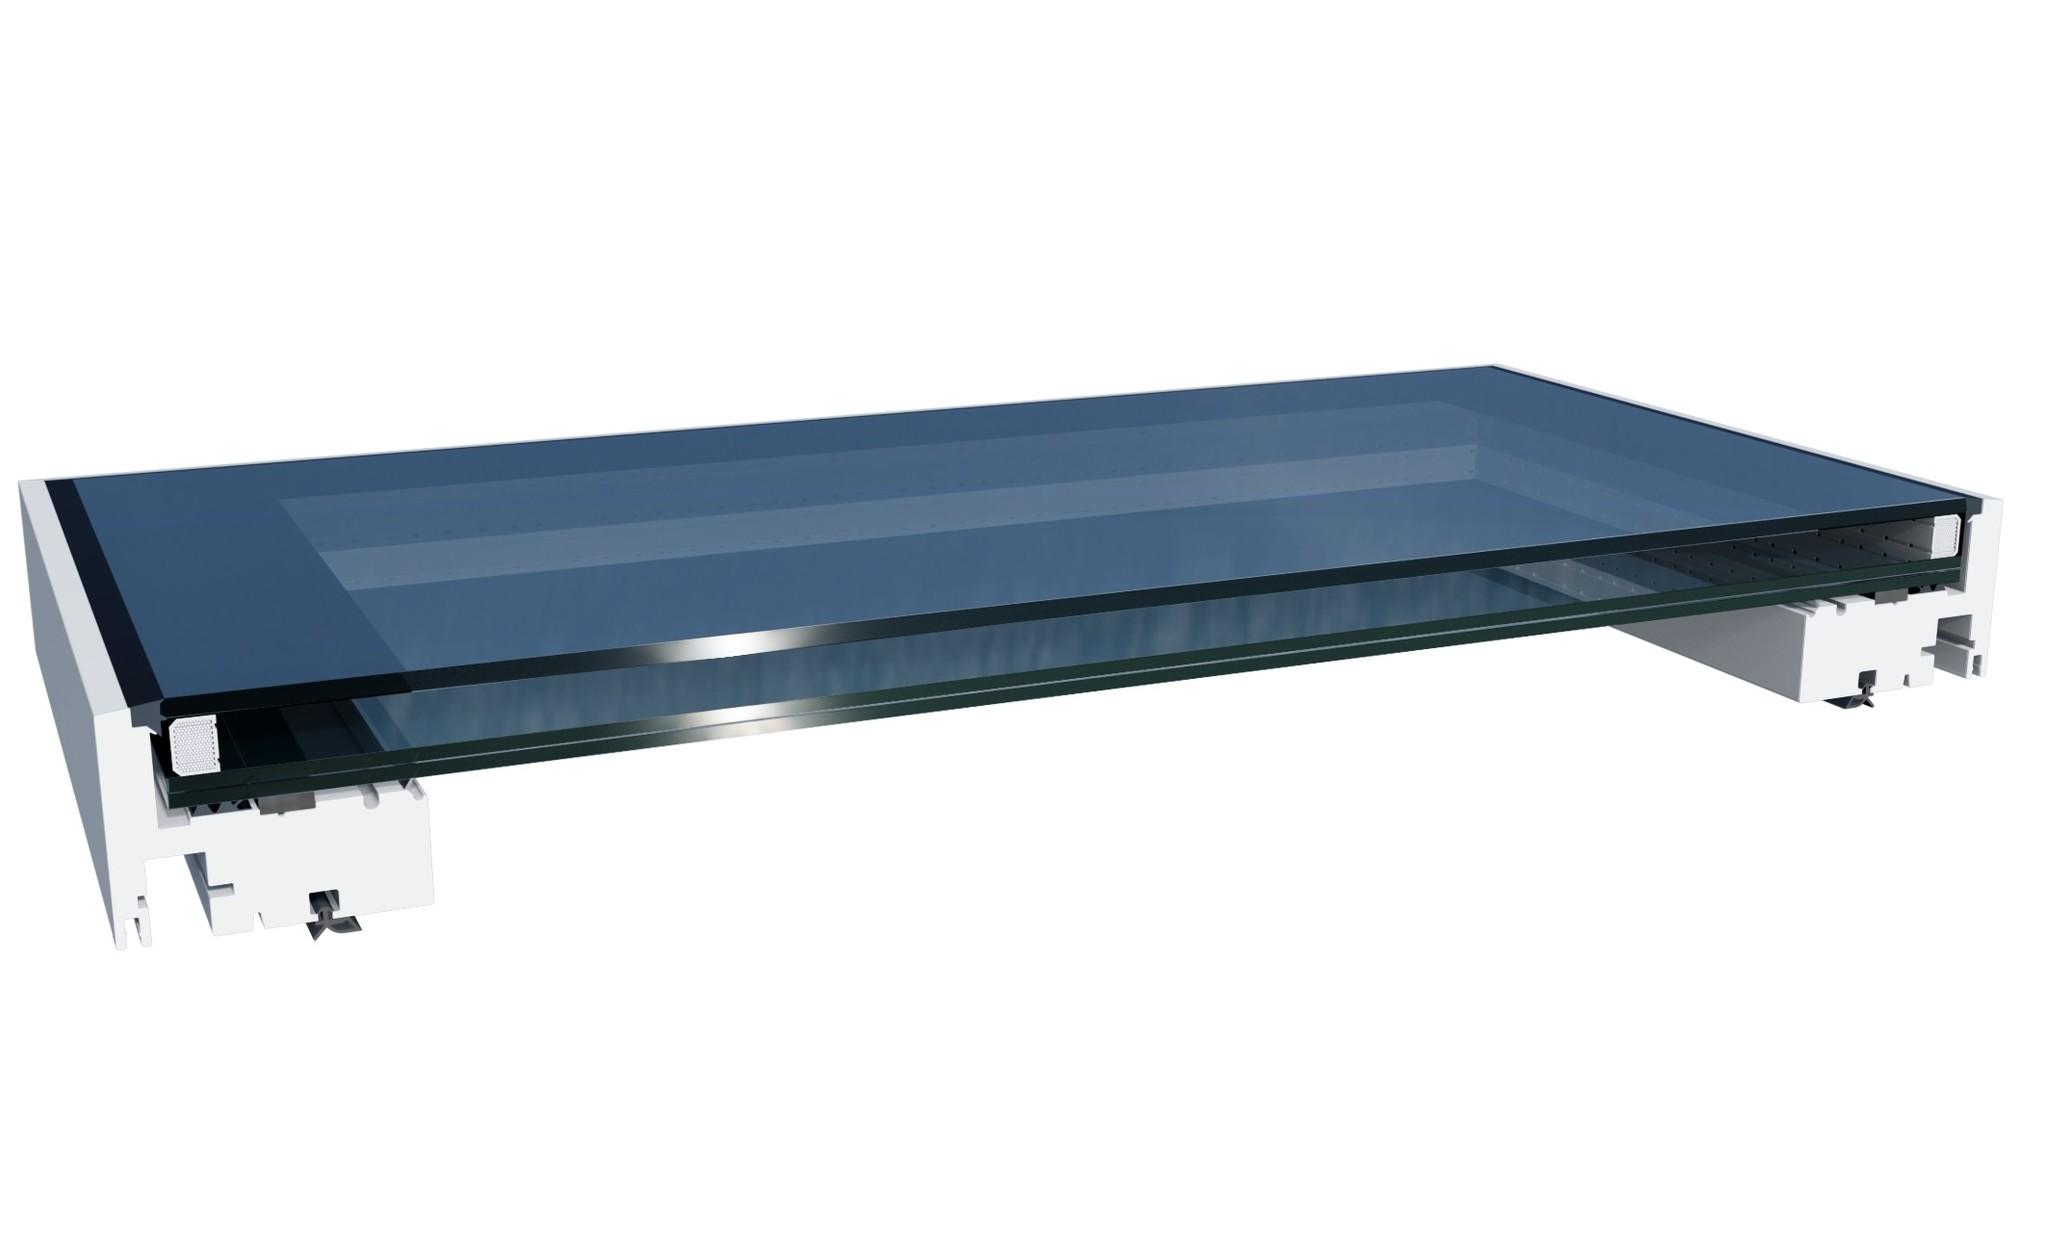 Intura - Lichtkoepel renovatiemodule Intura DGP A1 80x180cm - upgrade oude lichtkoepels